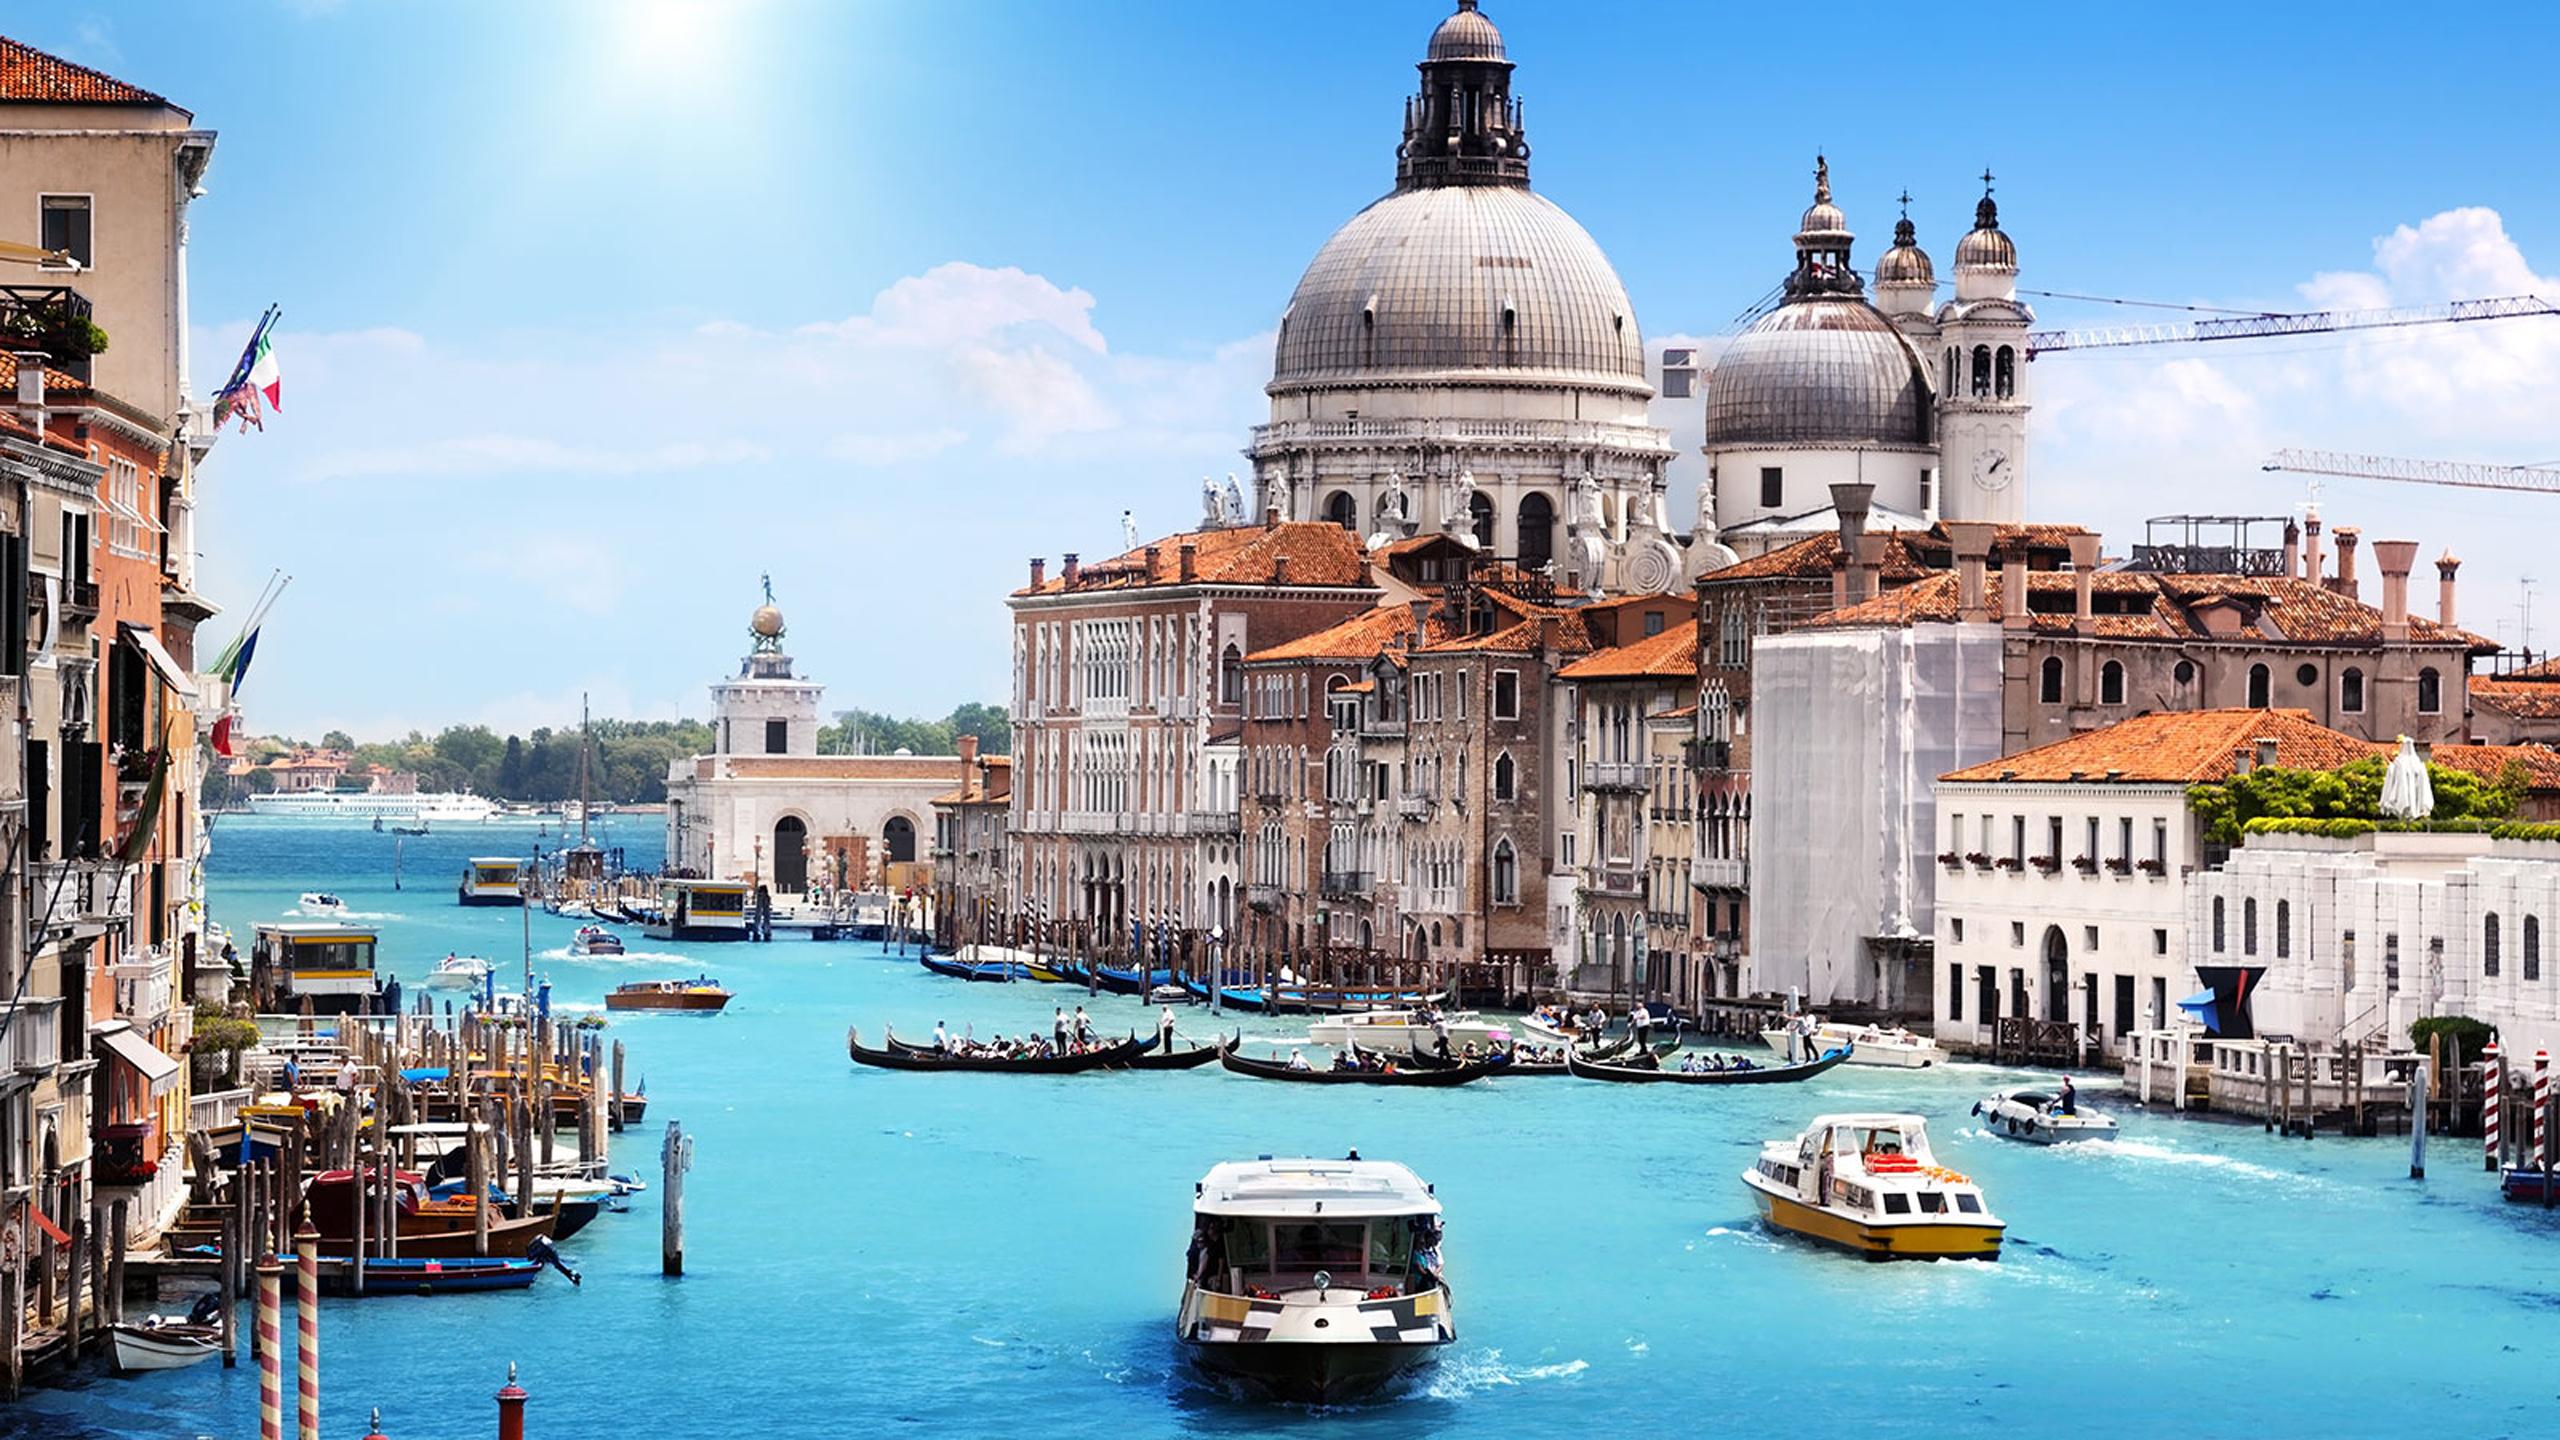 Venezia Italia Wallpaper Hd 95750 Wallpapers13com 2560x1440